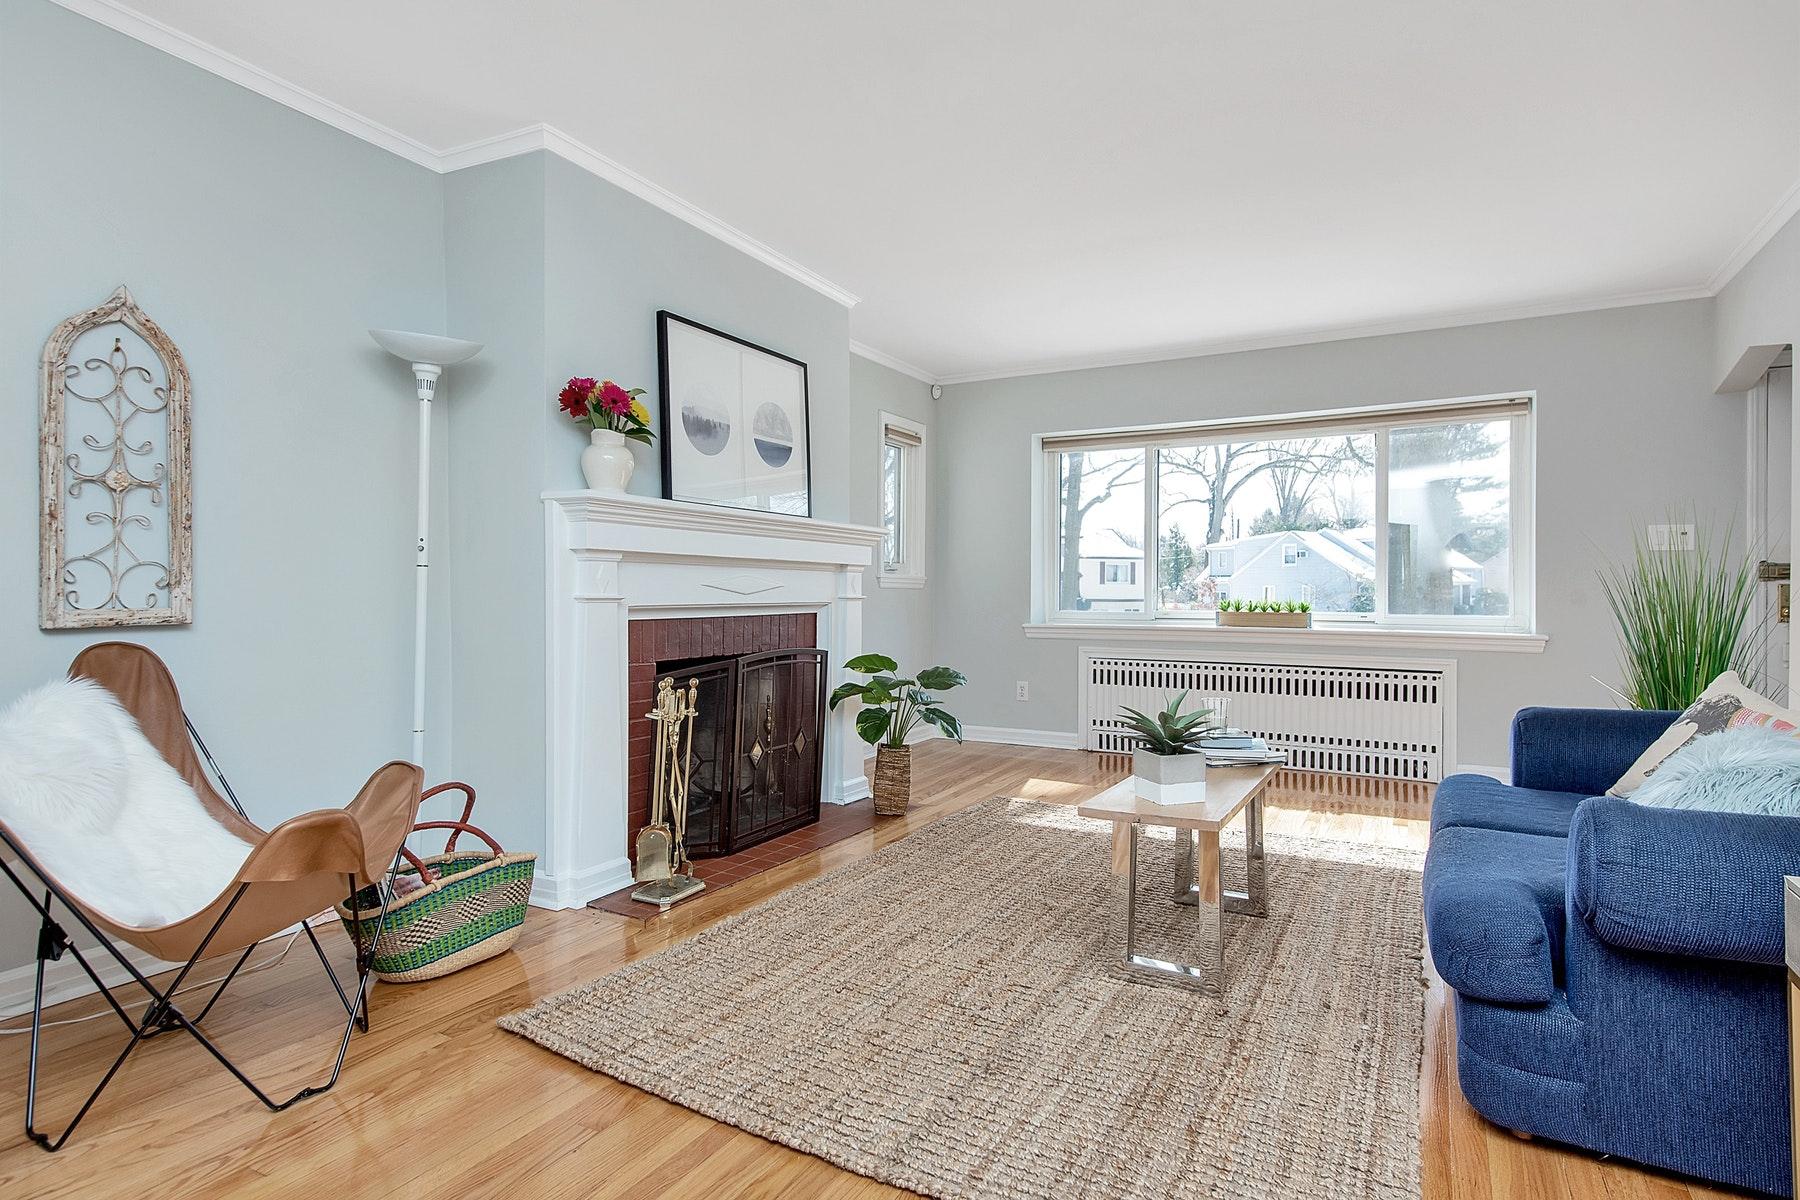 Maison unifamiliale pour l Vente à A Dream Home 70 Chestnut Hill Place, Glen Ridge, New Jersey 07028 États-Unis